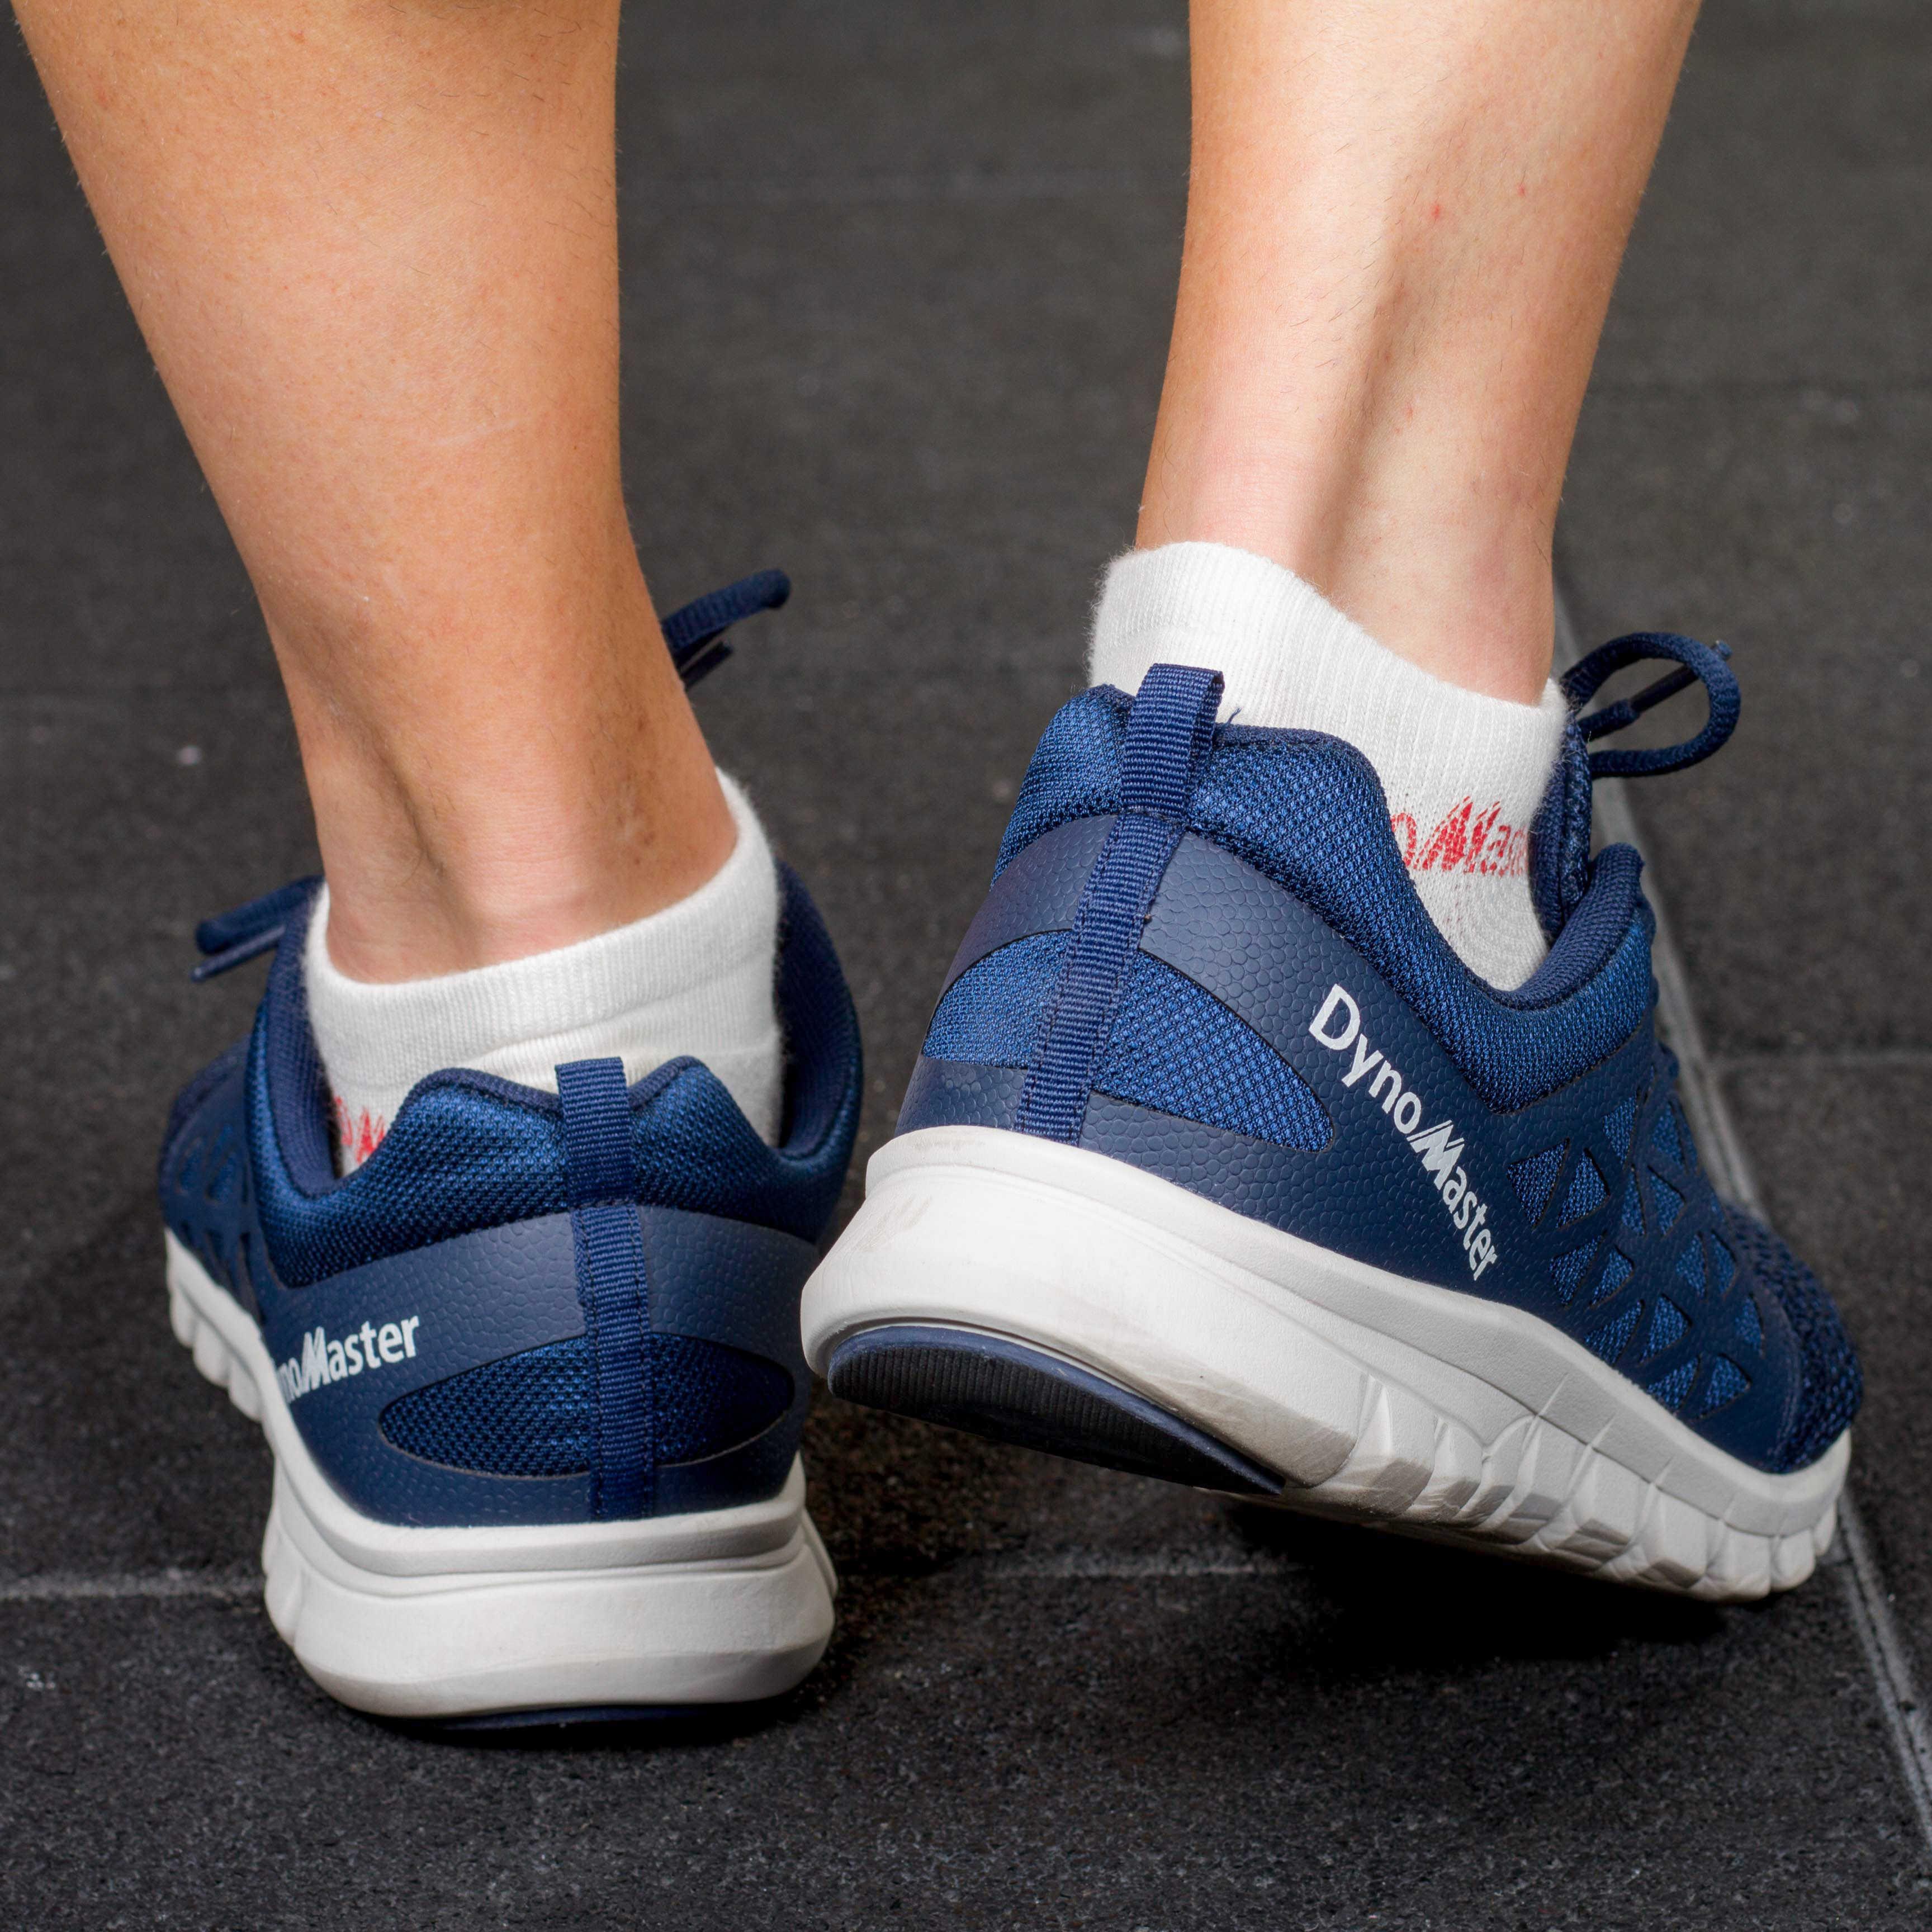 Dynomaster scarpe da corsa blu scuro corridore di sport di forma fisica degli uomini di scarpe